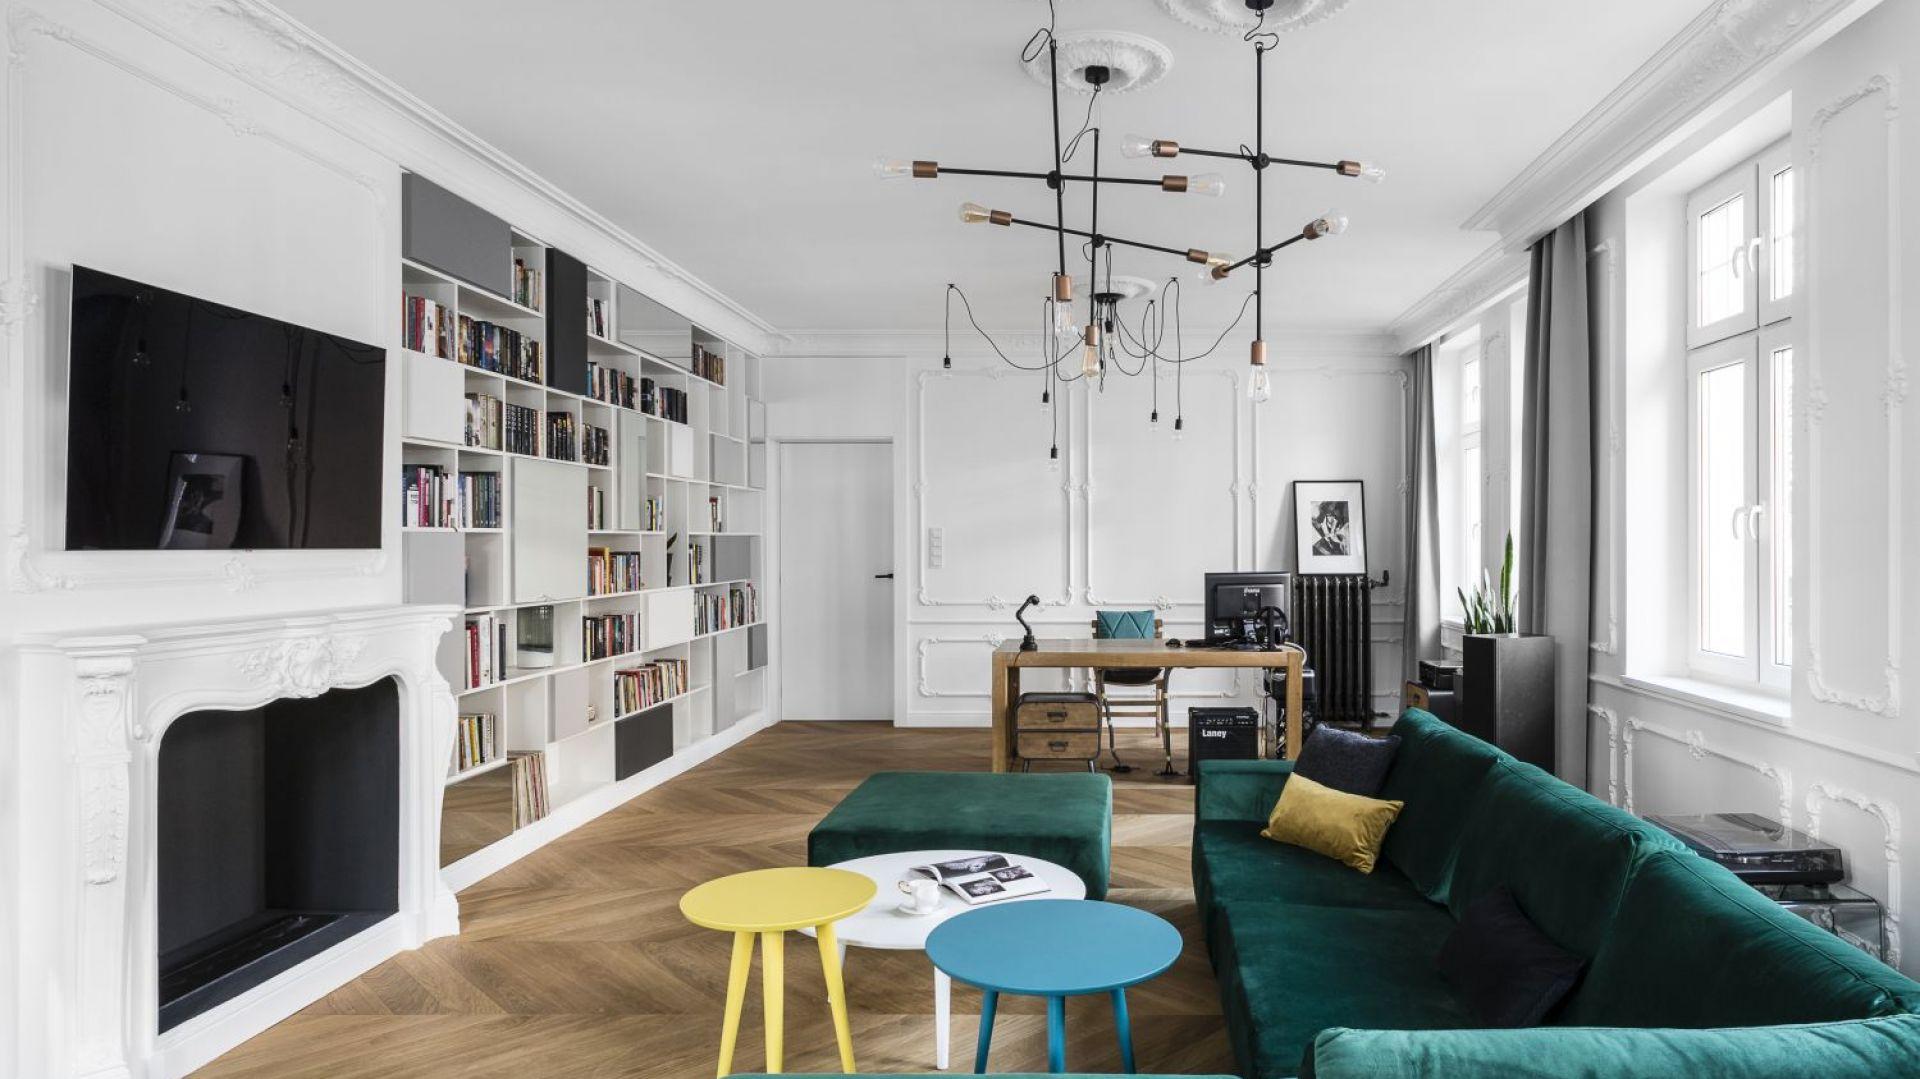 Wysoki na trzy metry sufit, wieńcząca ściany biel oraz liczne wysokie okna potęgują wrażenie przestronności. Projekt: Anna Maria Sokołowska. Fot. Foto&Mohito